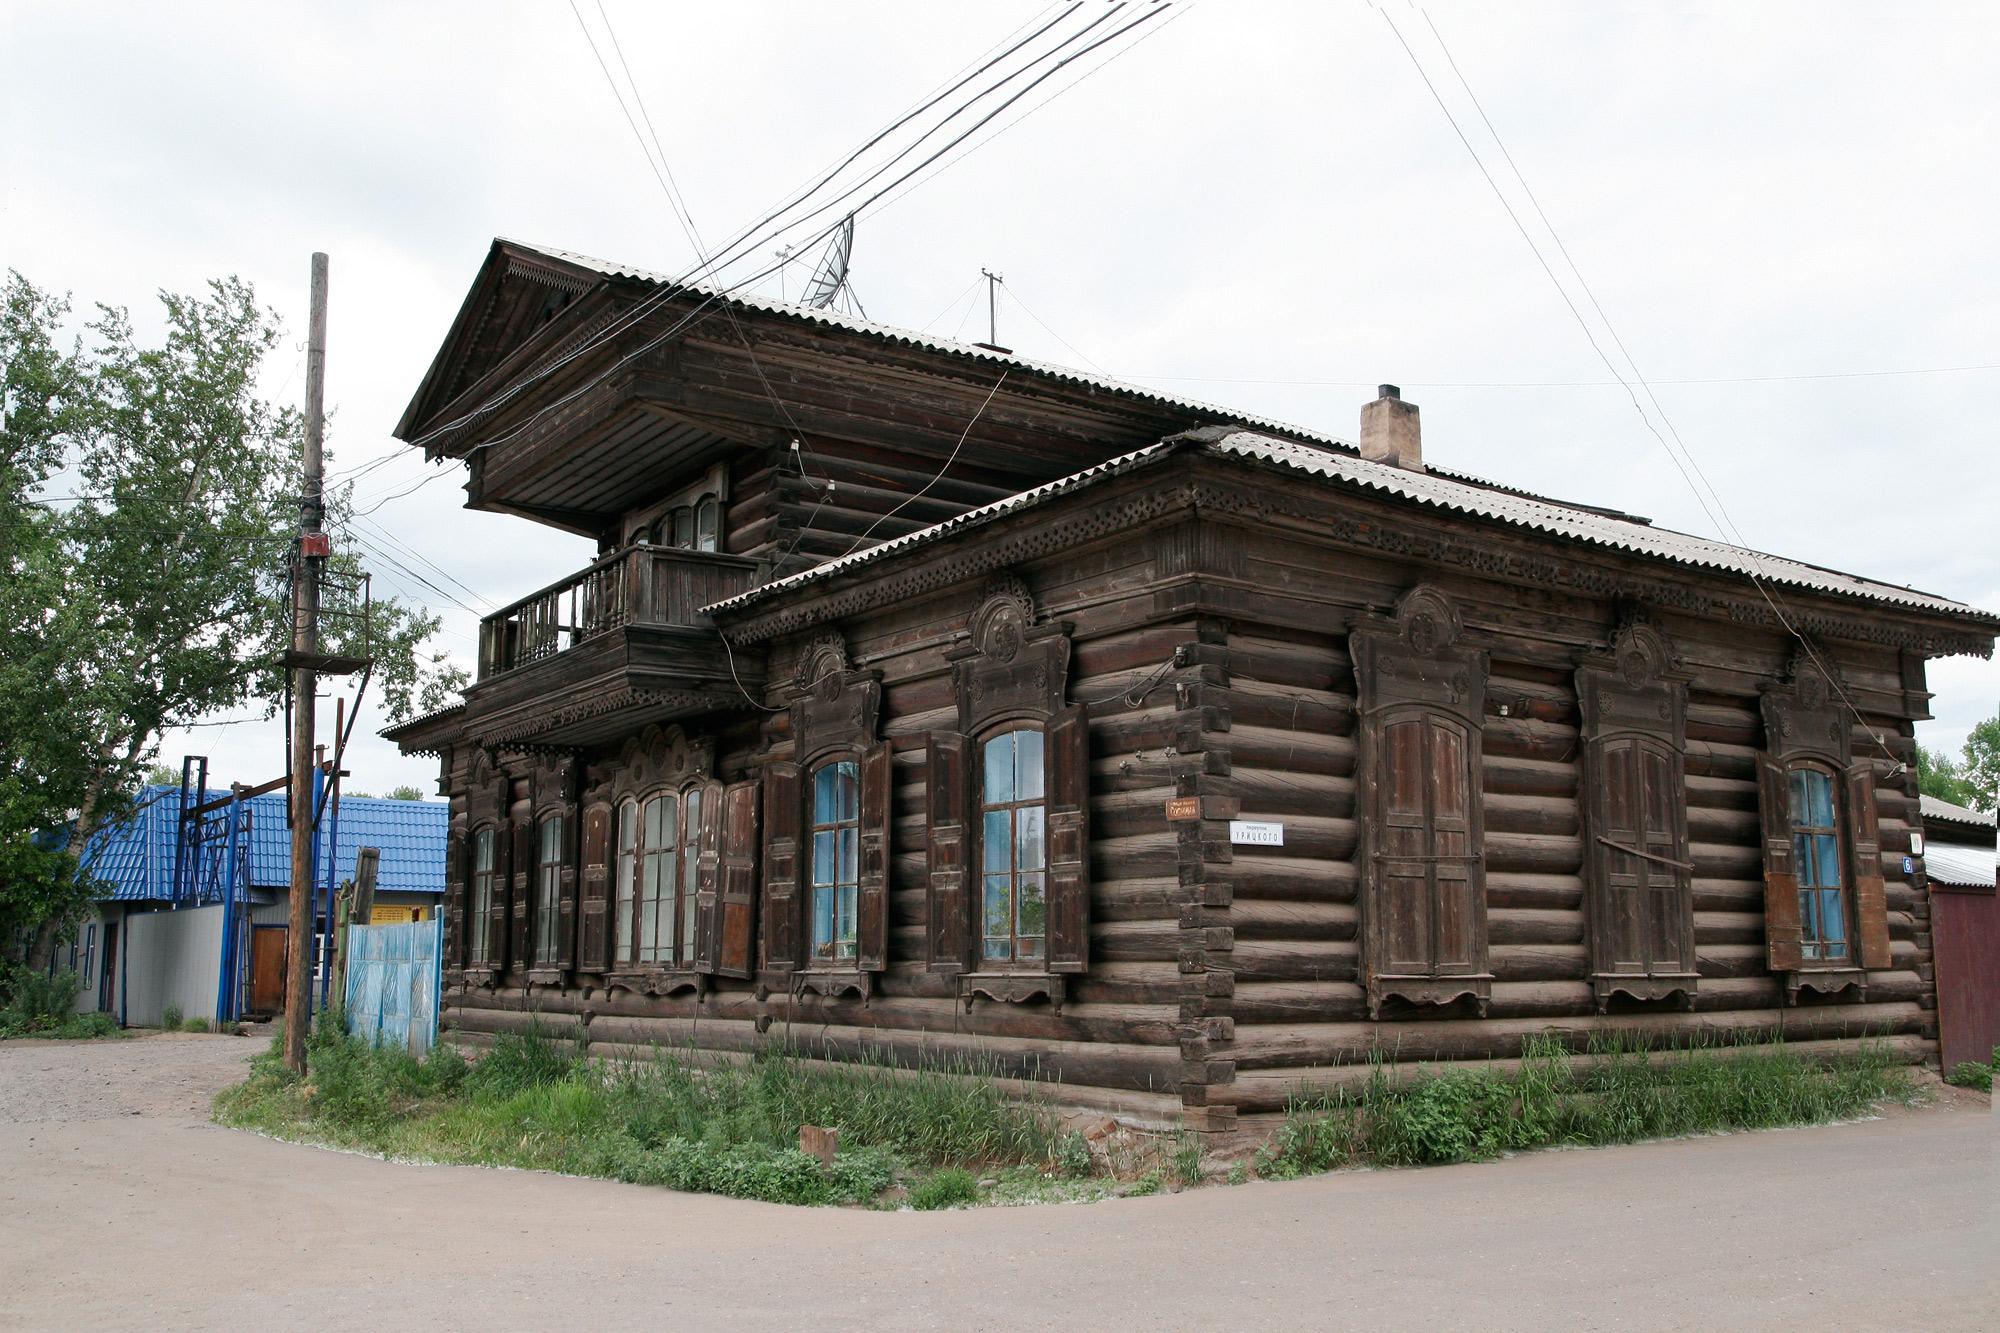 удаленной достопримечательности киренск иркутской области адрес